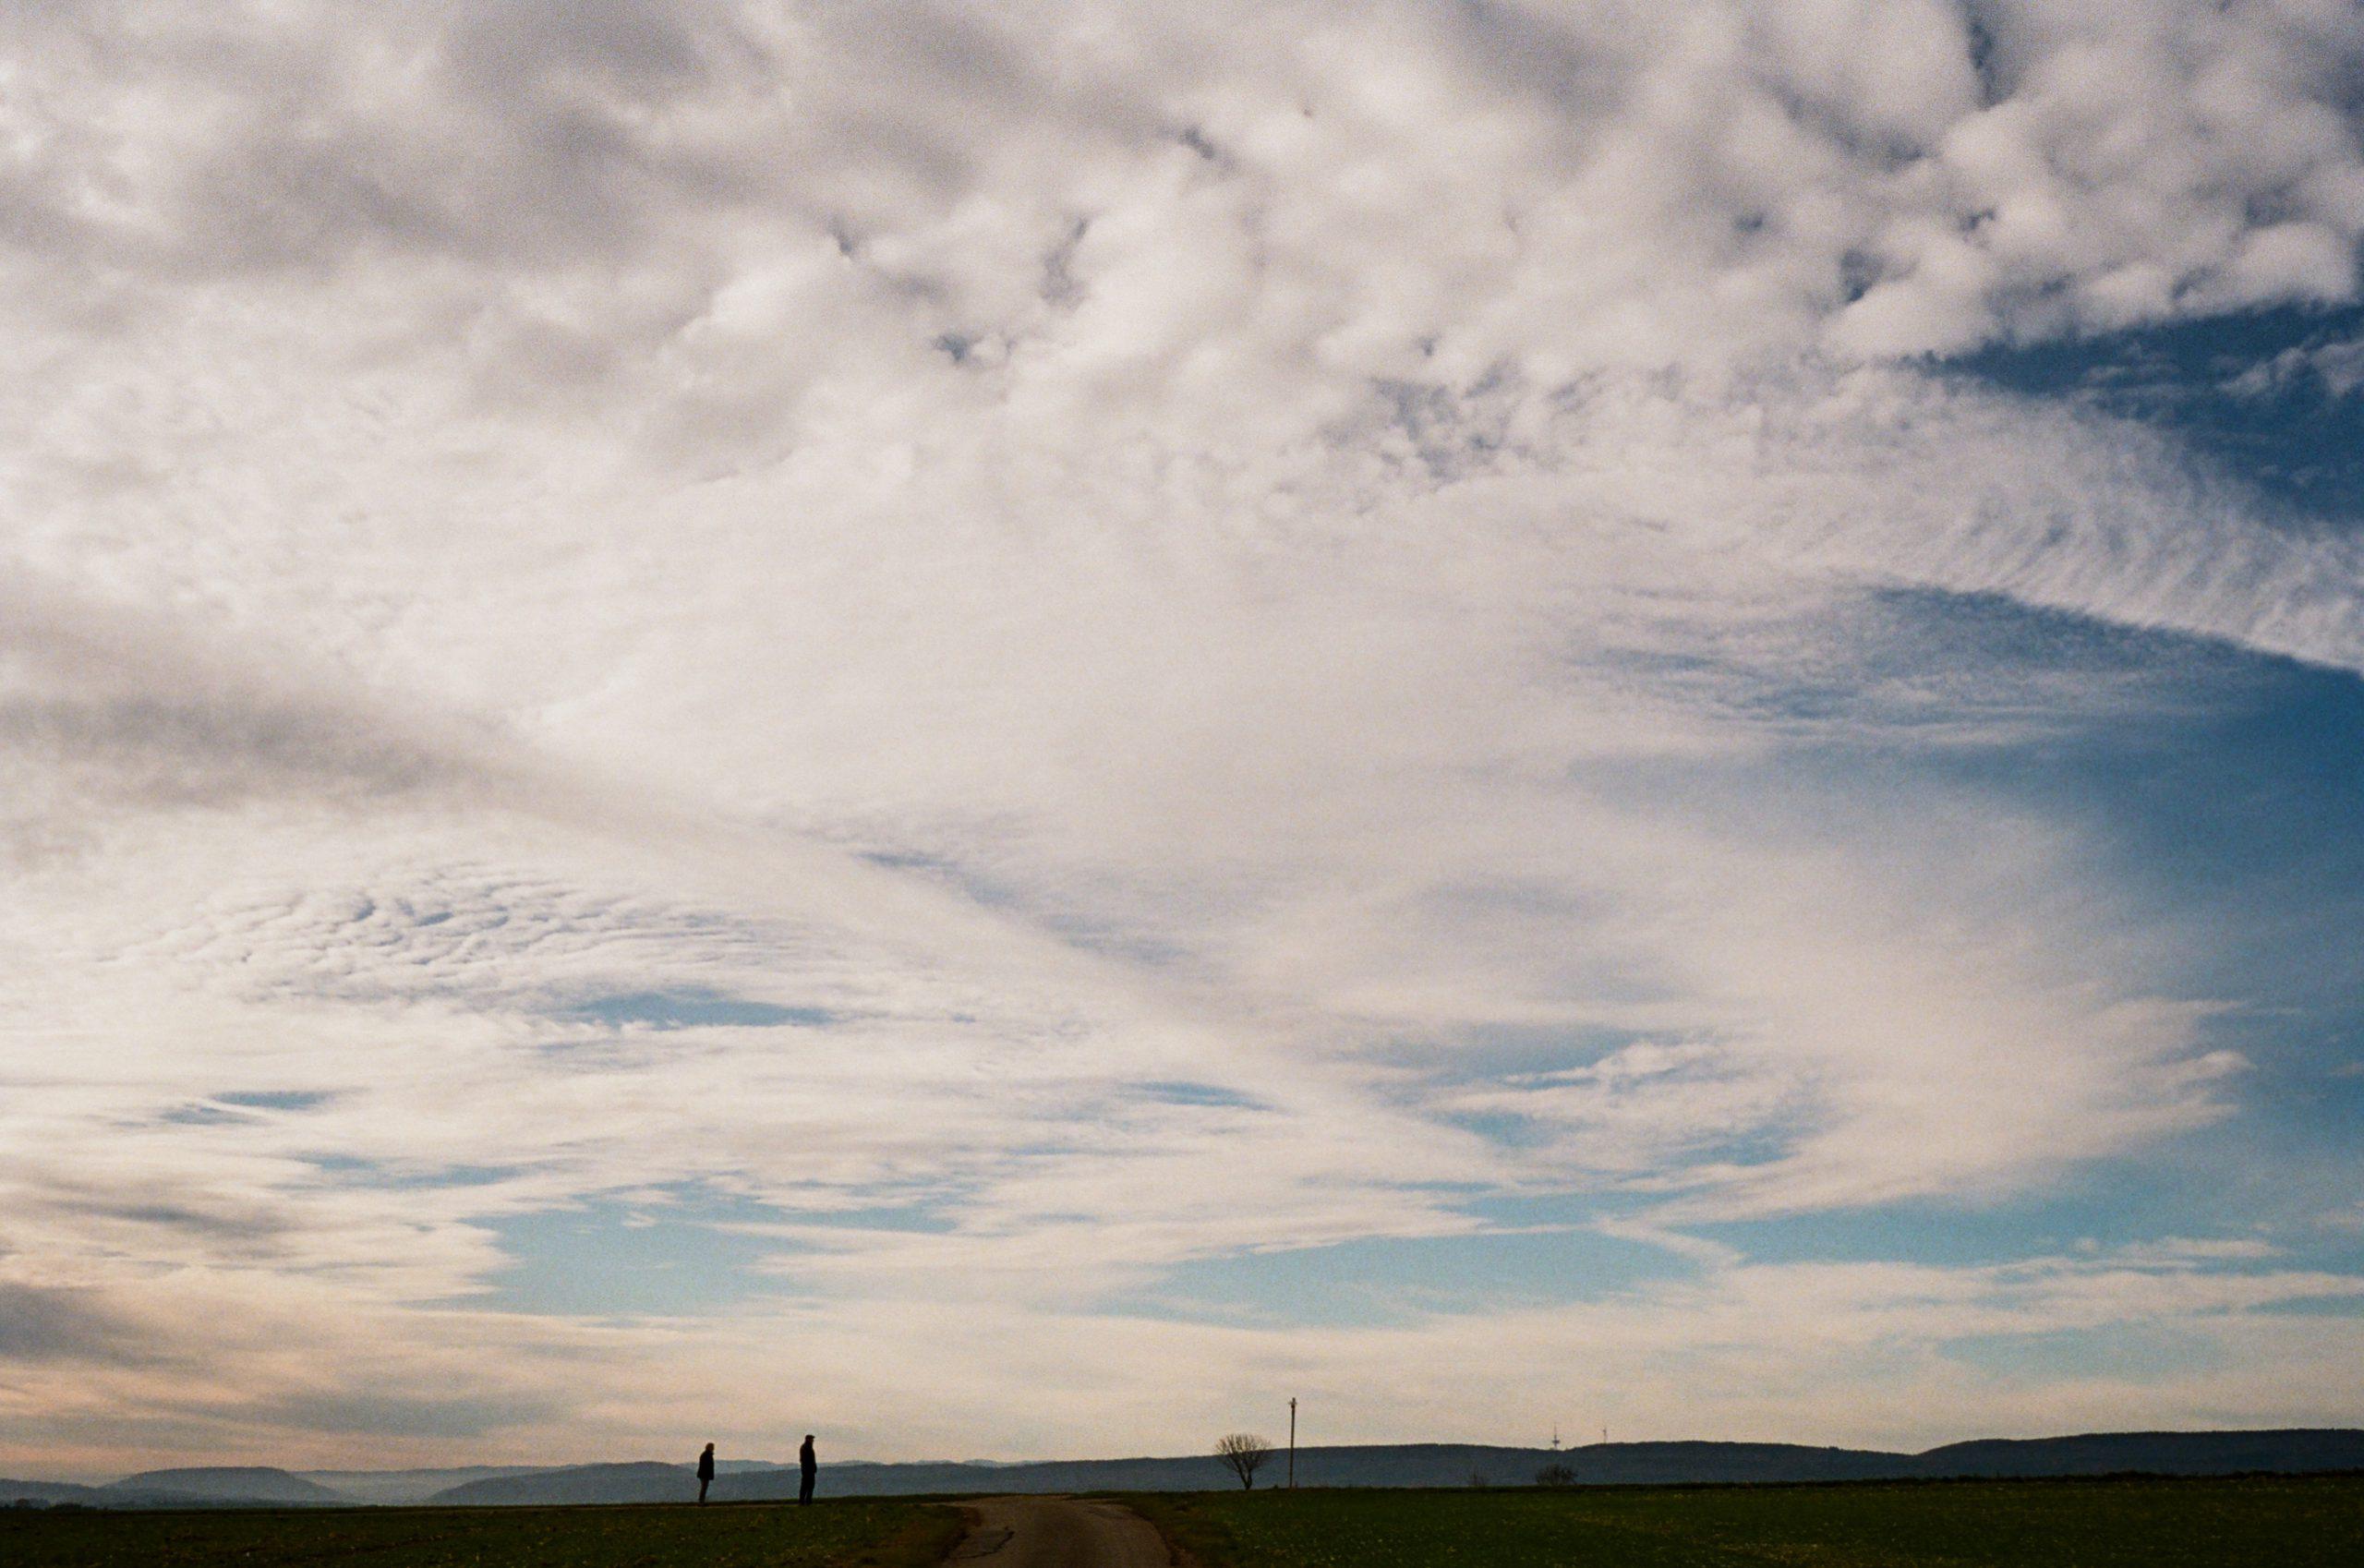 Wolken und Strukturen – das kleine, günstige 35er von Voigtländer zeichnet es schön nach. Voigtländer Color Skopar 35/2.5 an Bessa T. Kodak Ultramax 400.